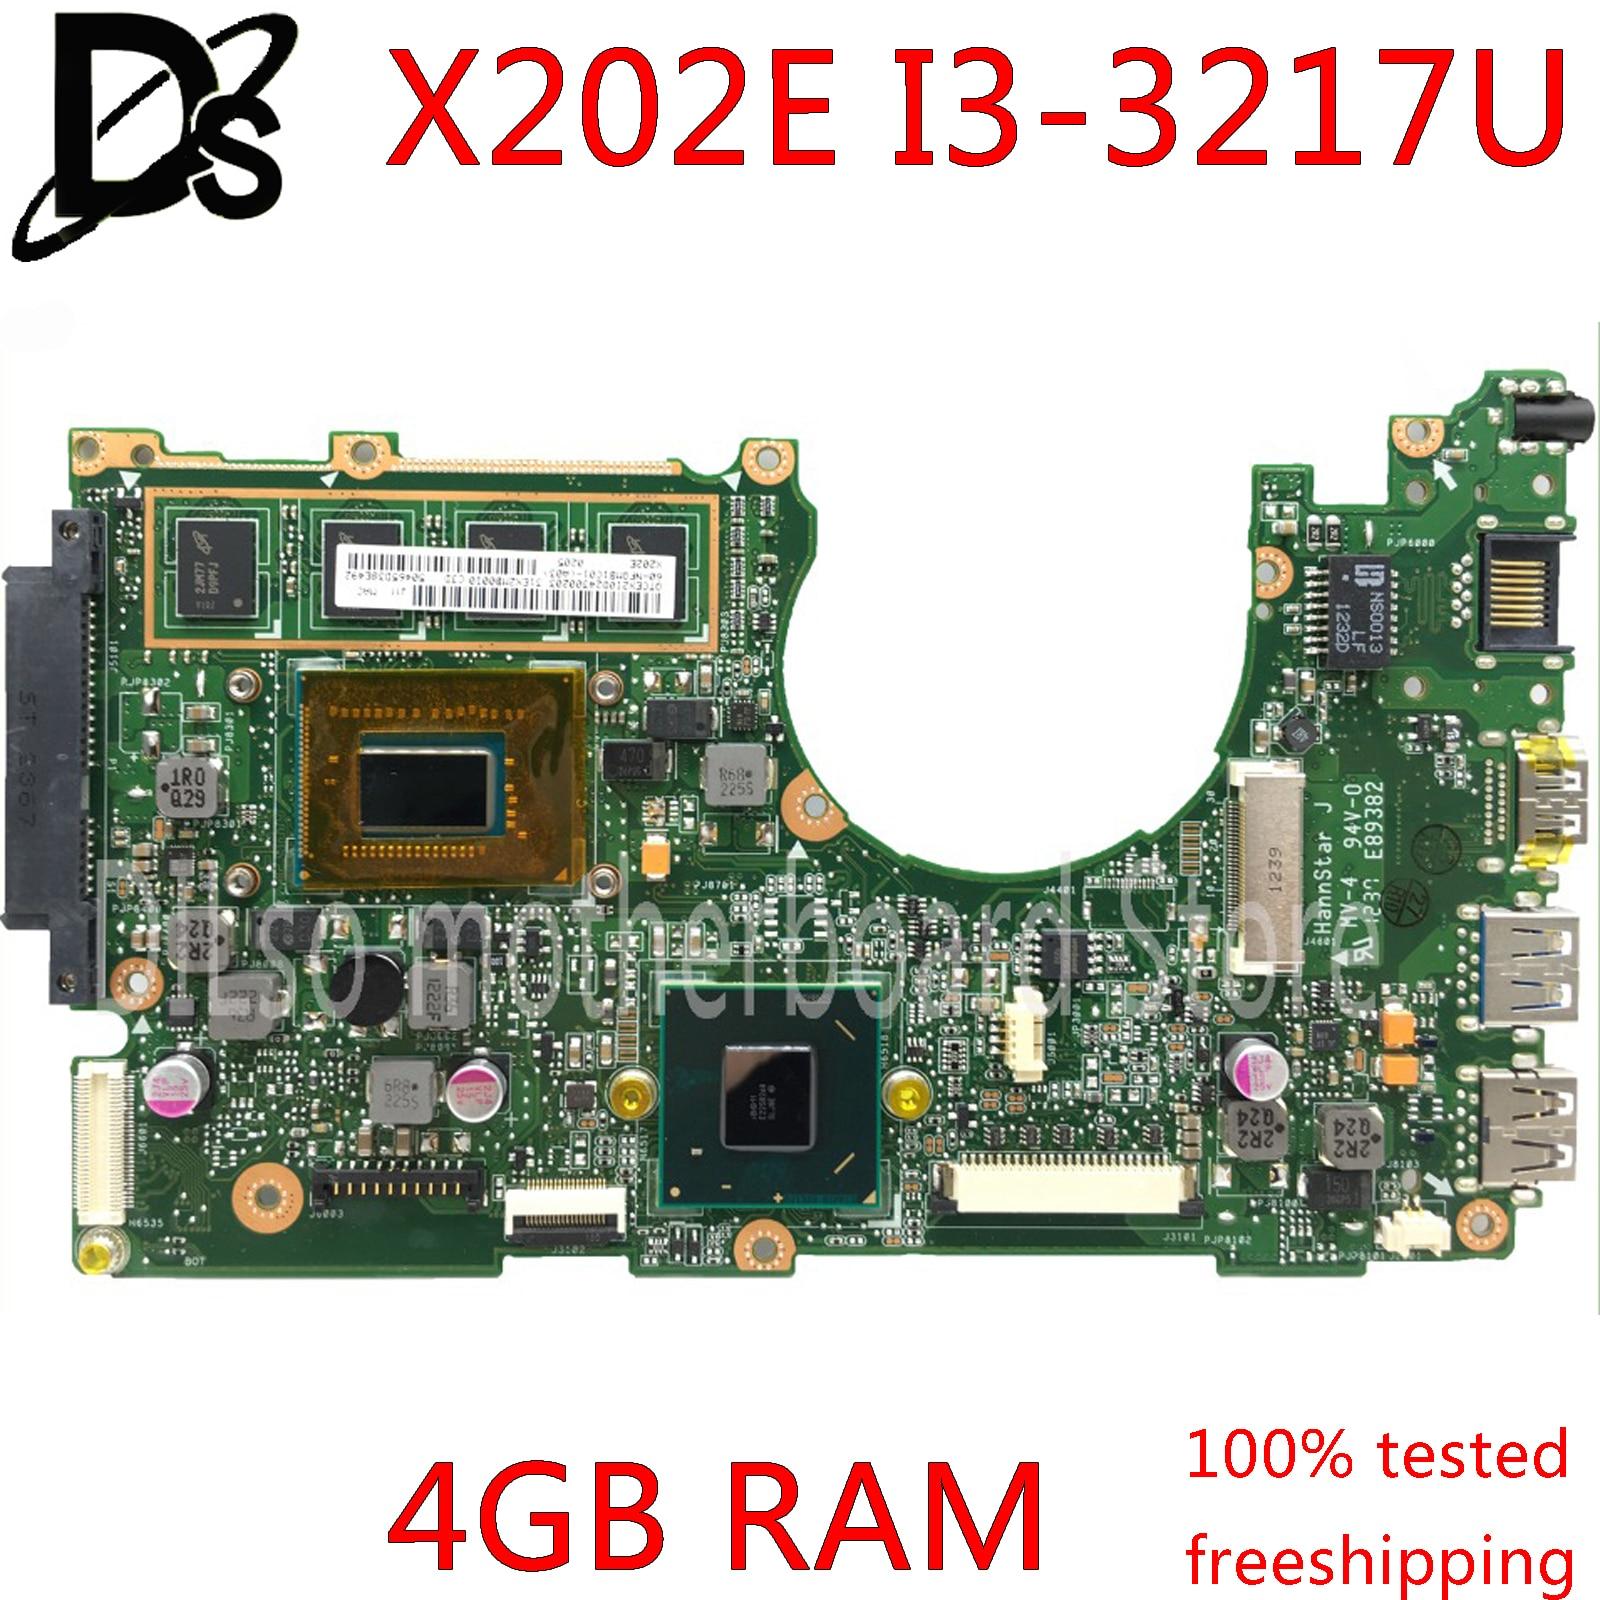 KEFU X202e For ASUS S200E X202E X201E X202EP Vivobook Motherboard REV2.0 I3-3217U CPU 4G RAM Onboard 100% Test Work